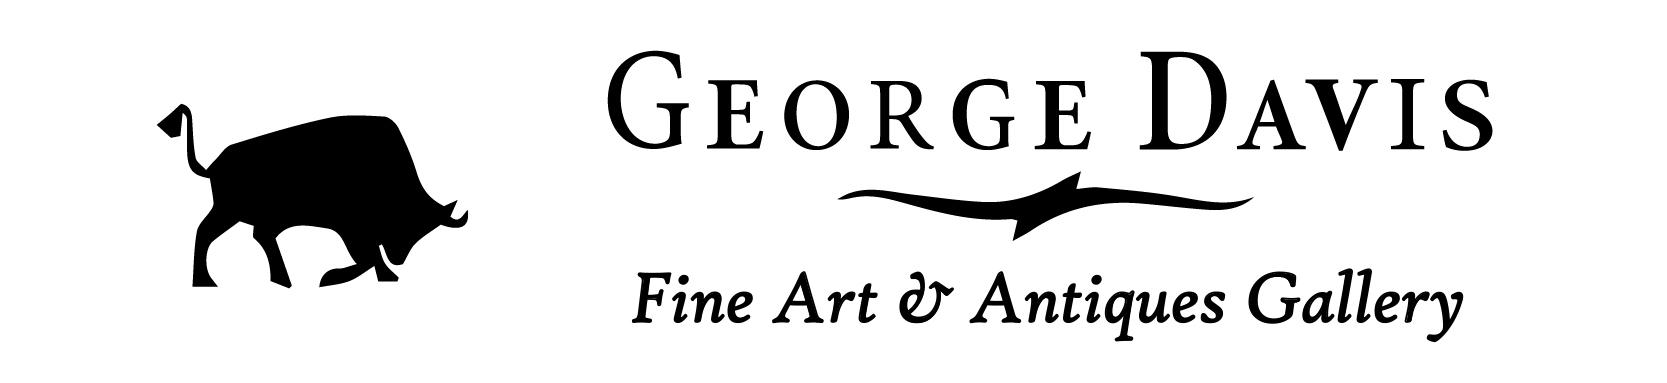 George Davis Antiques